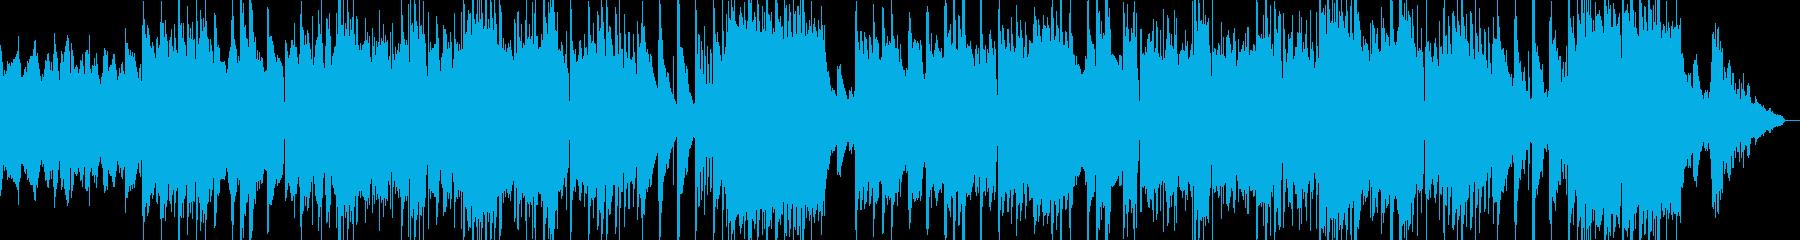 秋冬に合うパイプオルガンが哀愁漂うBGMの再生済みの波形